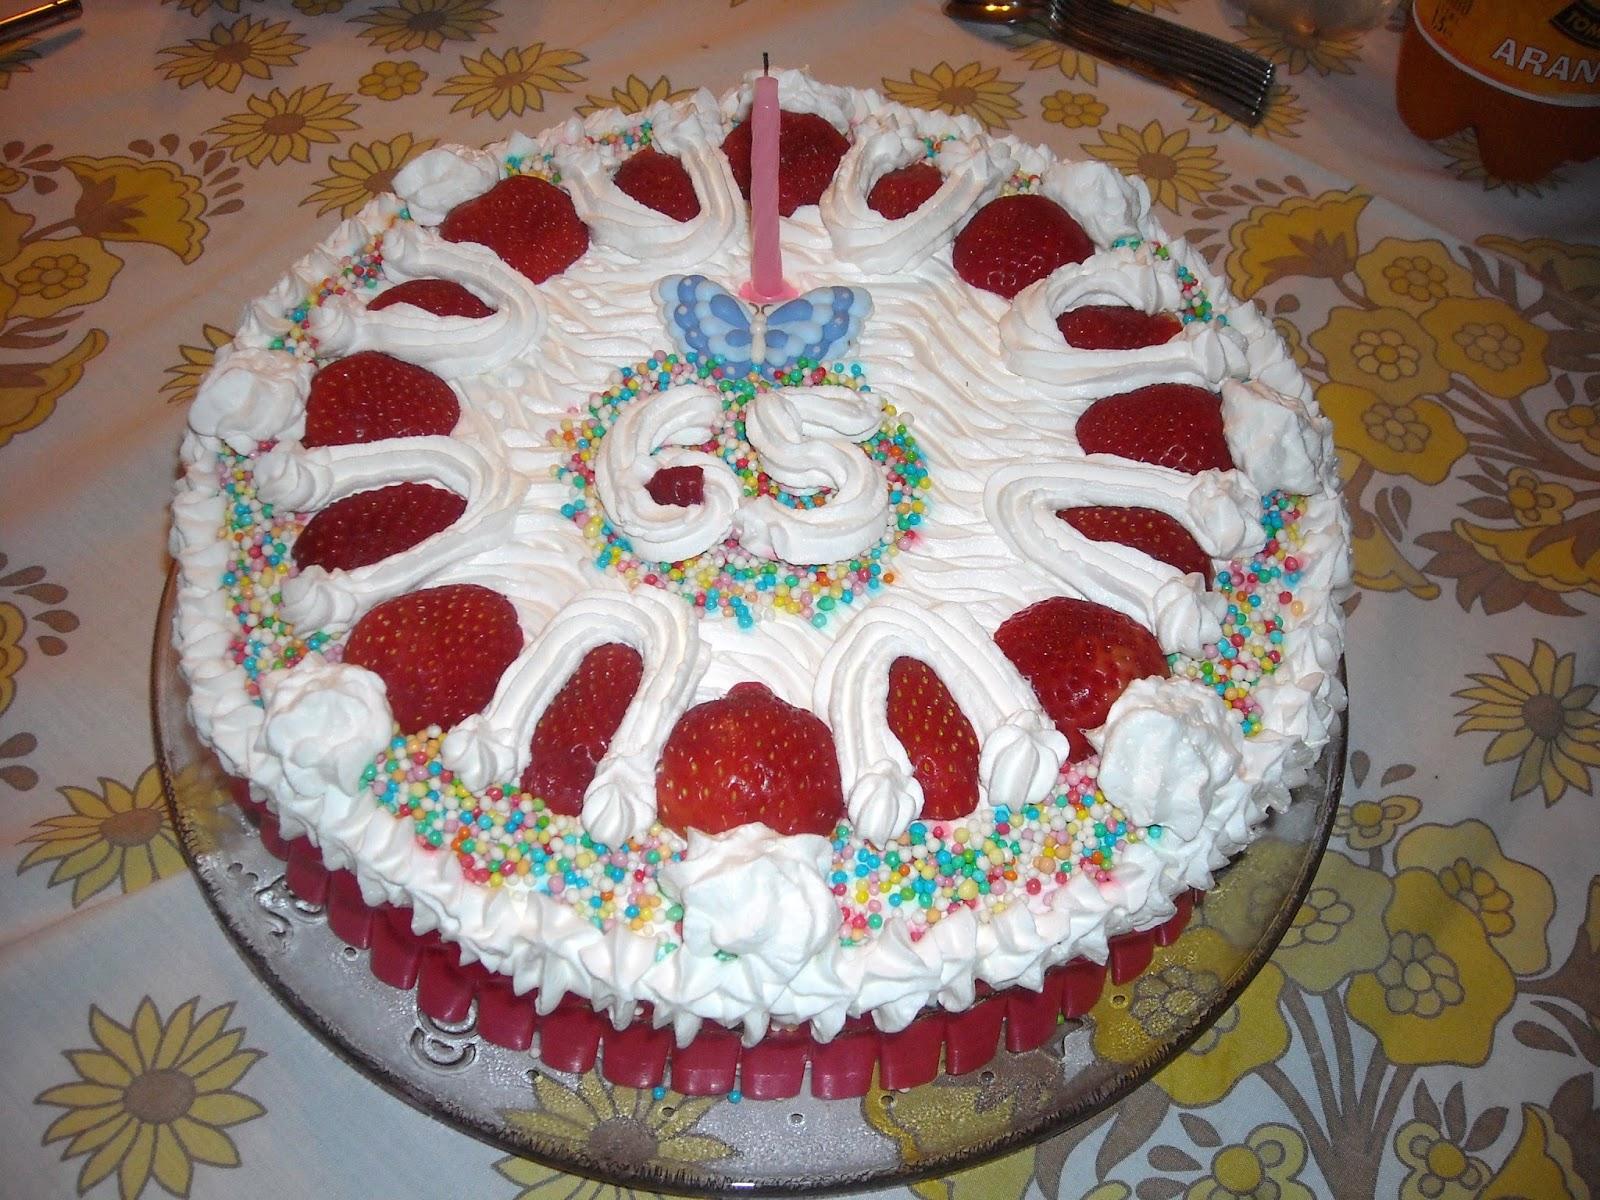 Idee Per Decorare Una Torta il girasole: tante idee per torte decorate